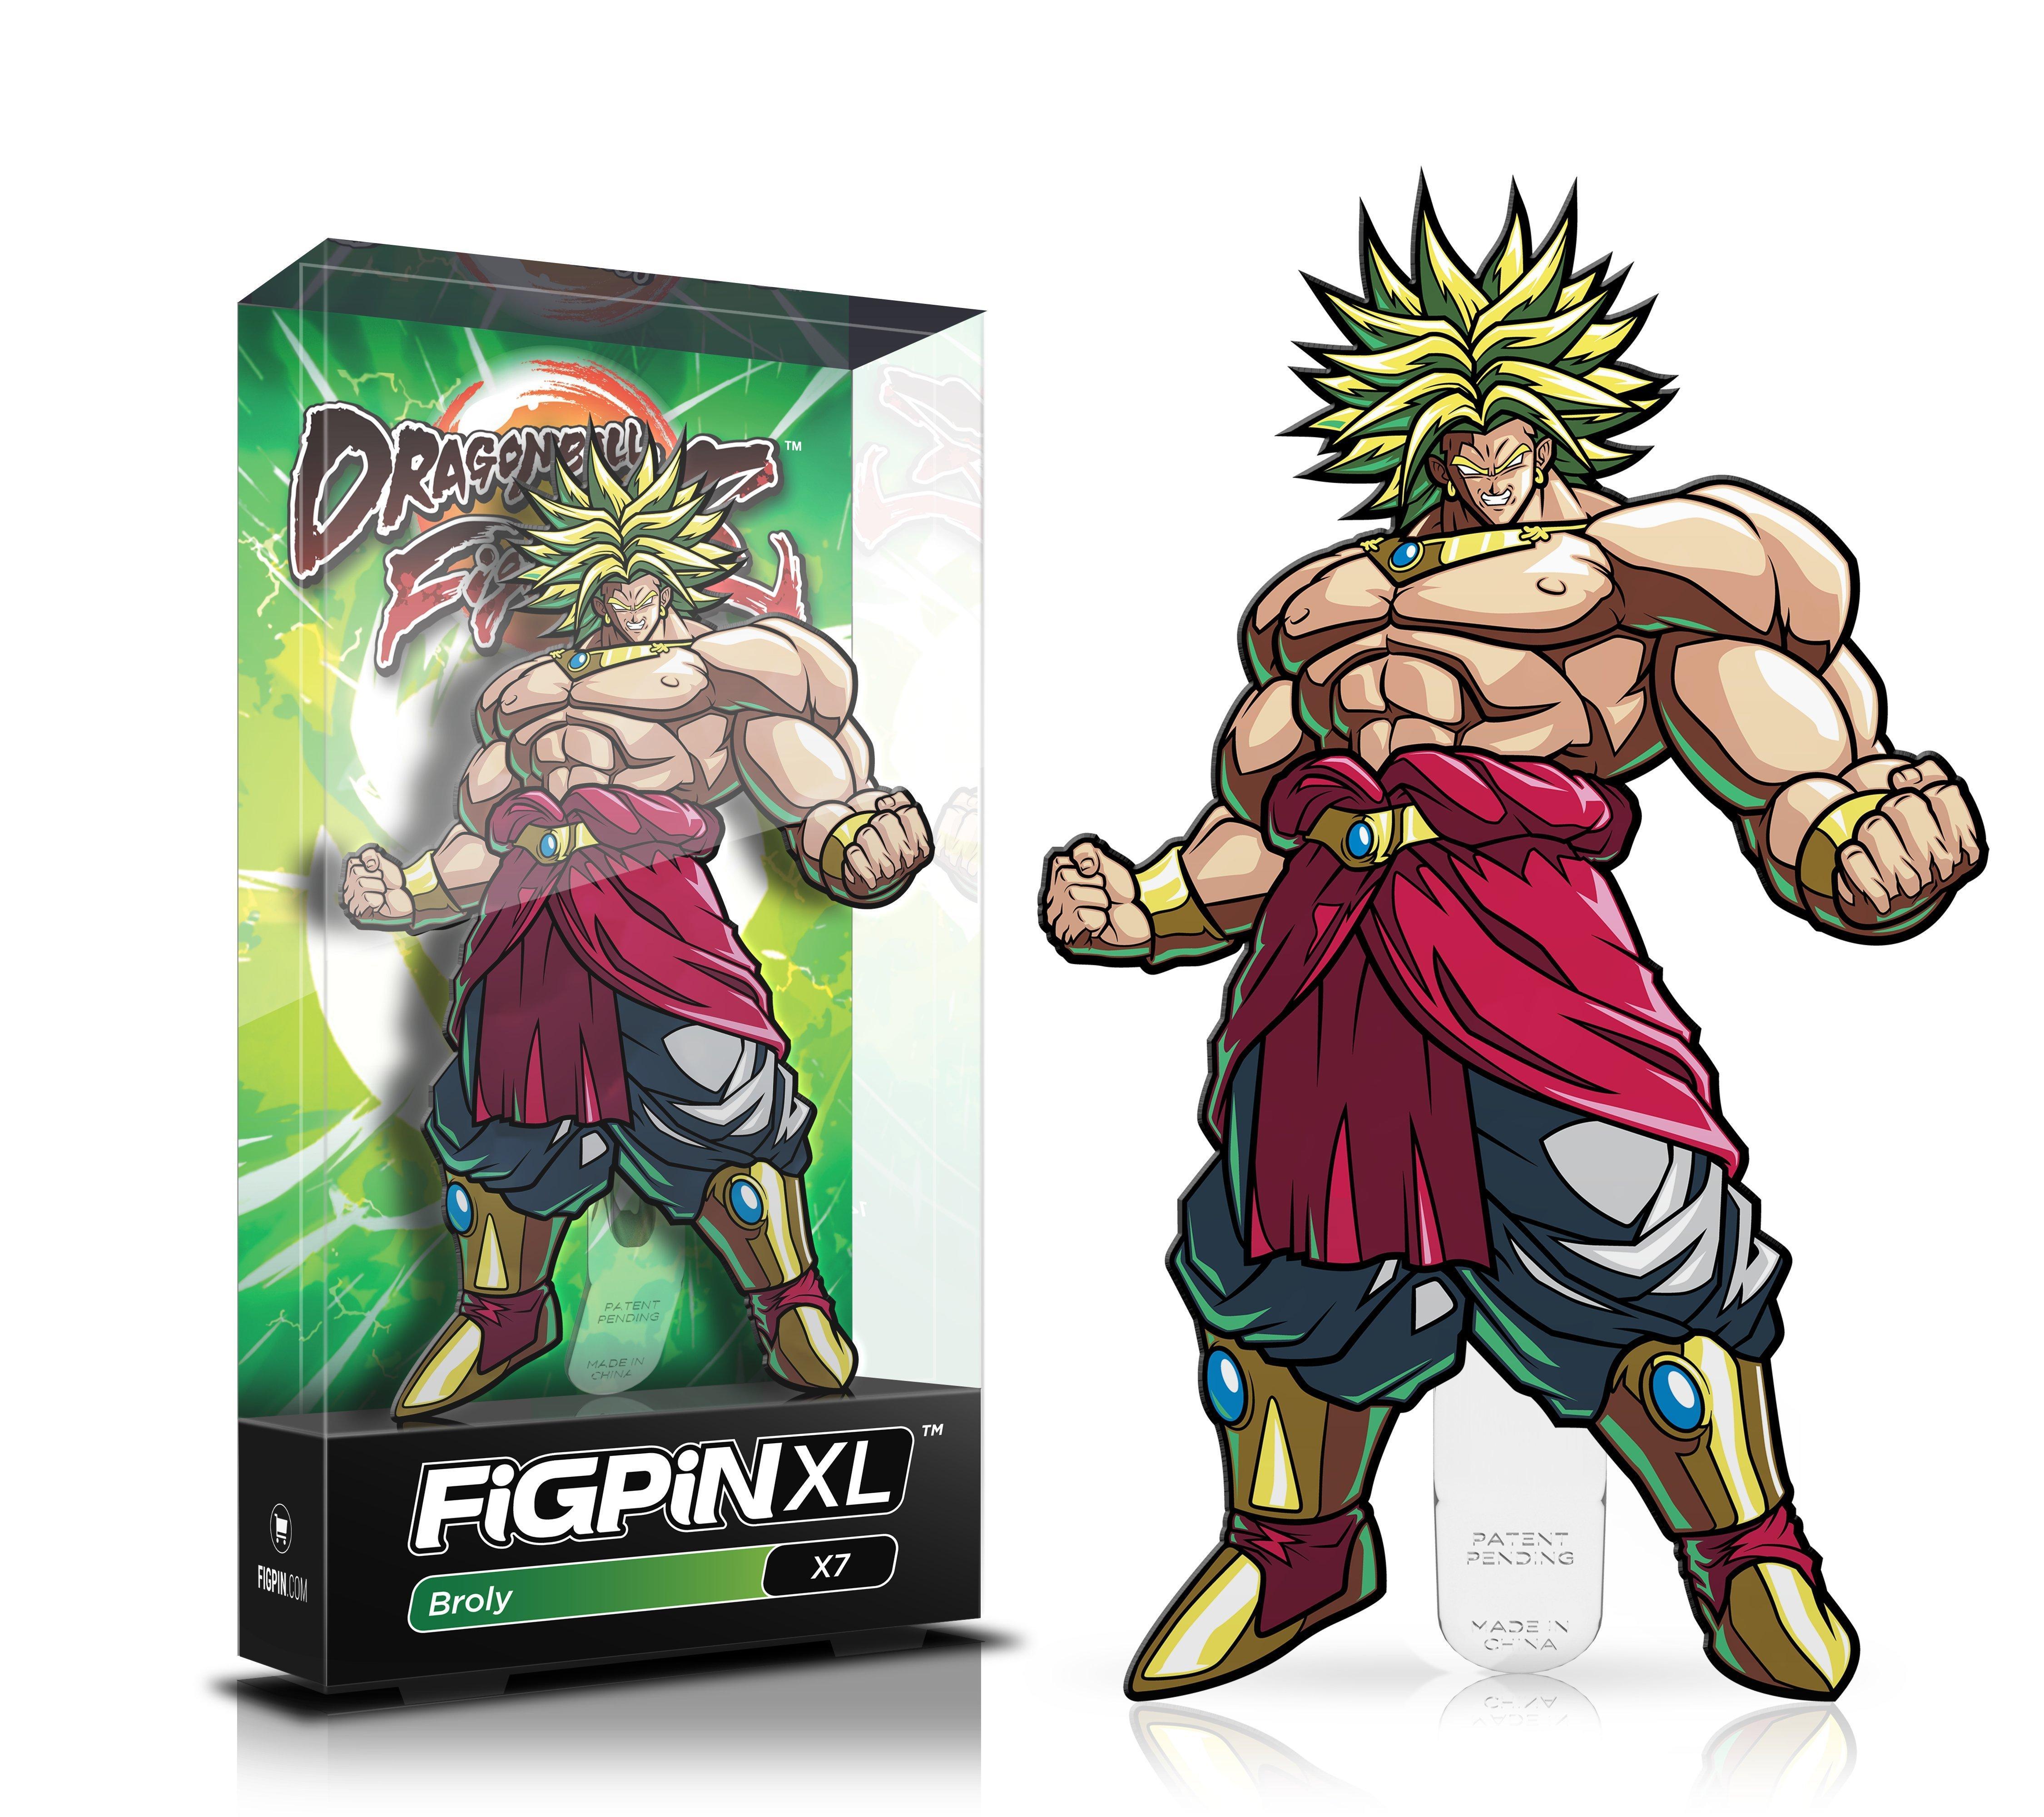 Dragon Ball Z Broly Figpin Xl Gamestop